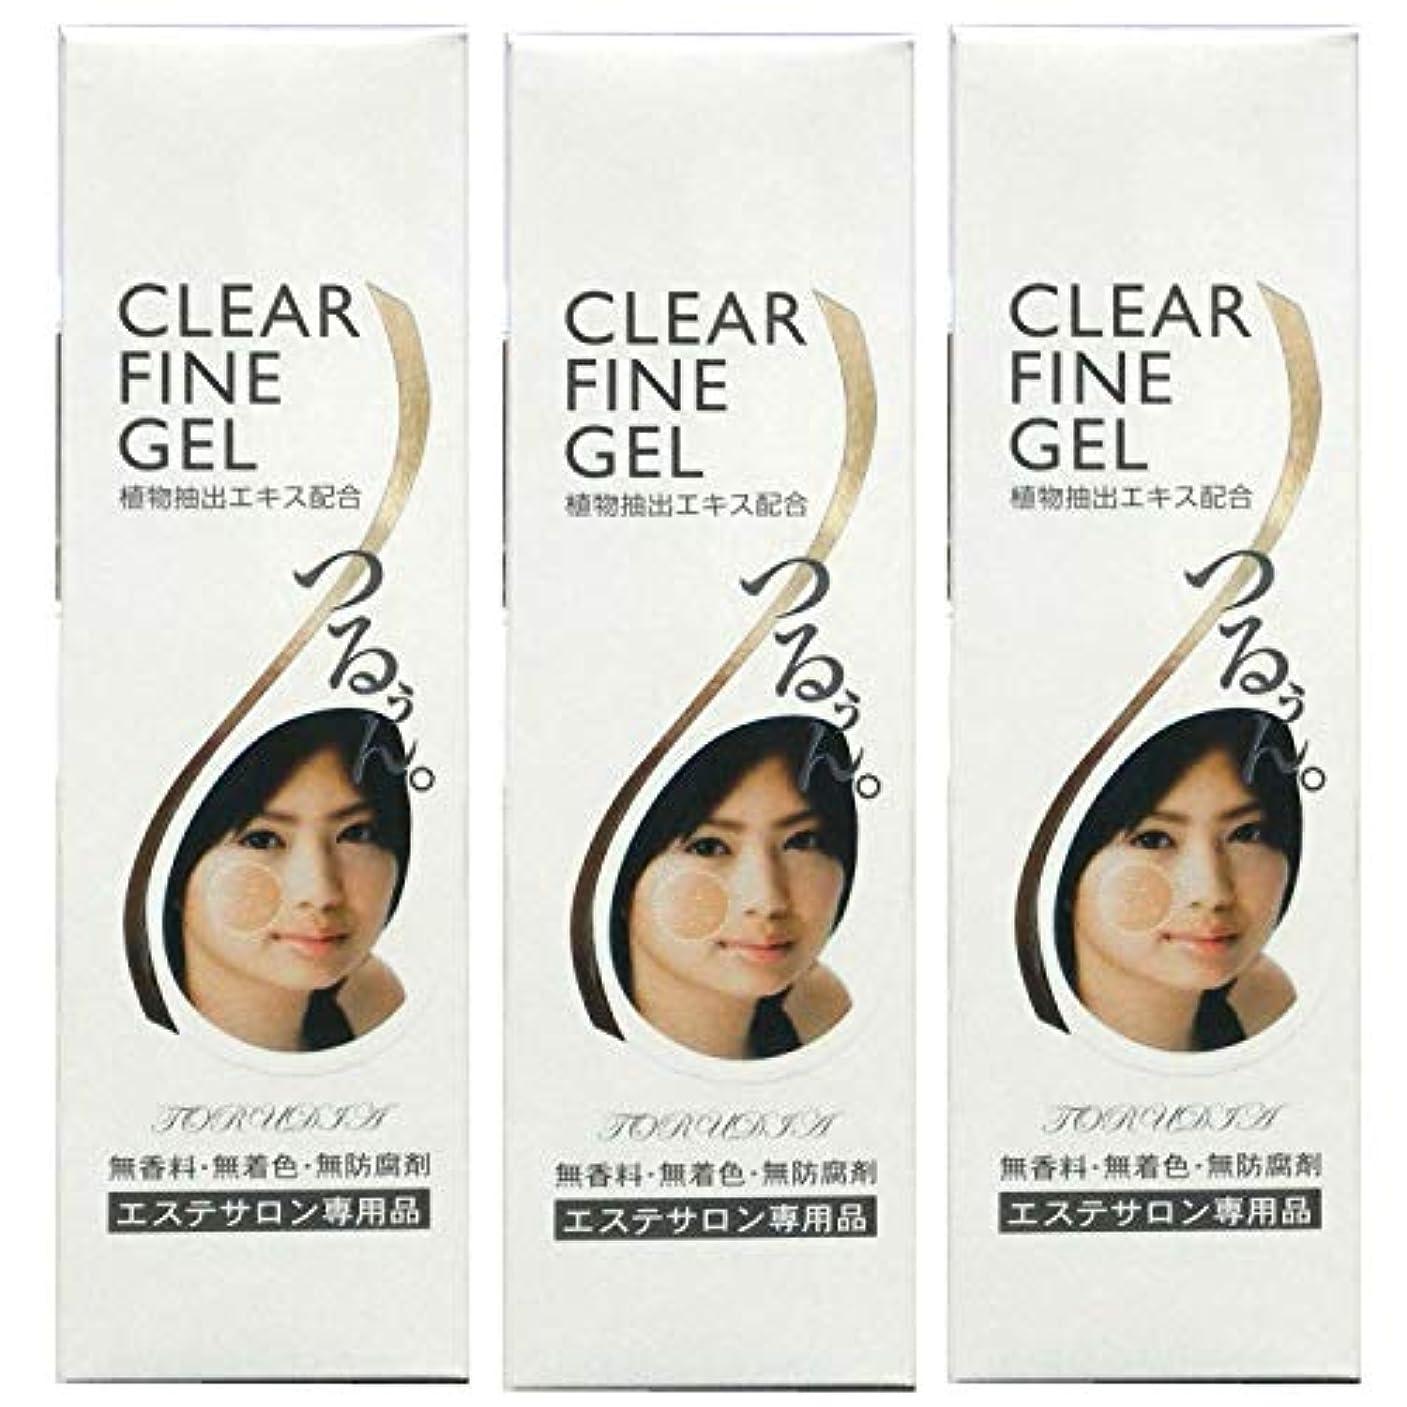 刈り取るミリメーター年【3個セット】CLEAR FINE GEL(クリアファインジェル)250g